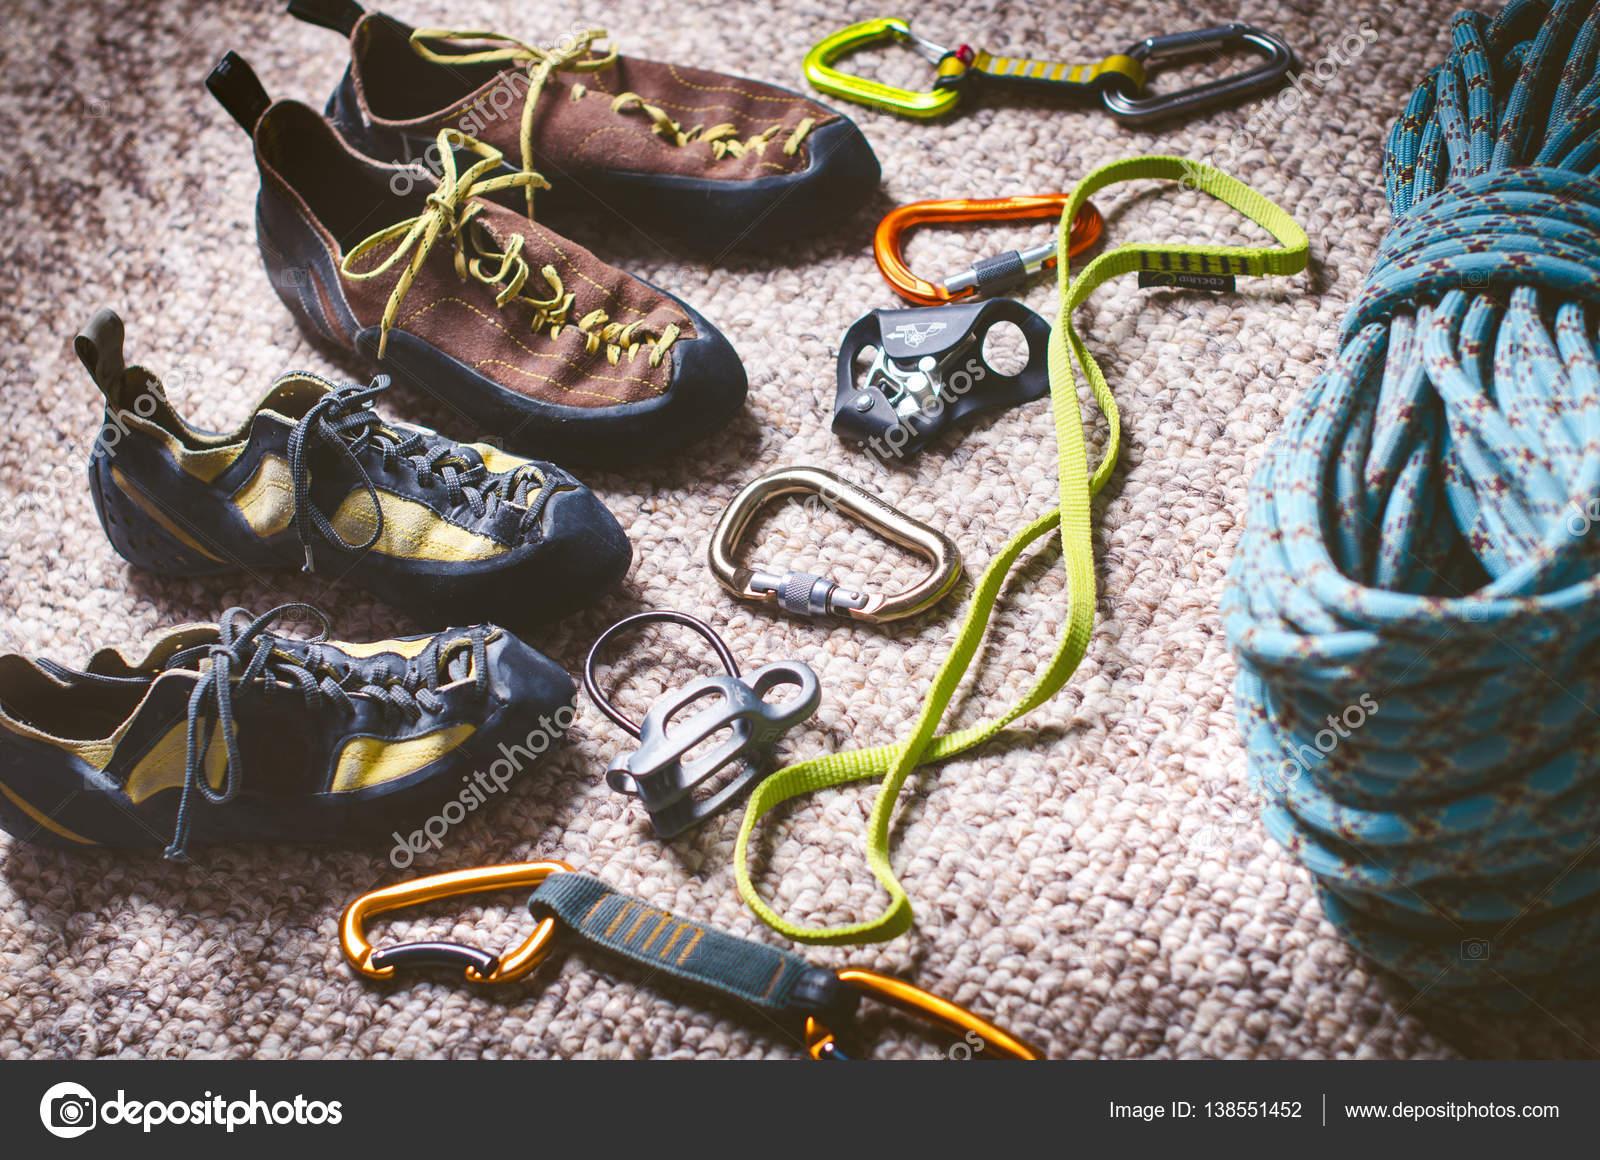 Klettern und Bergsteigerausrüstung auf einem Teppich. Schuhe ...